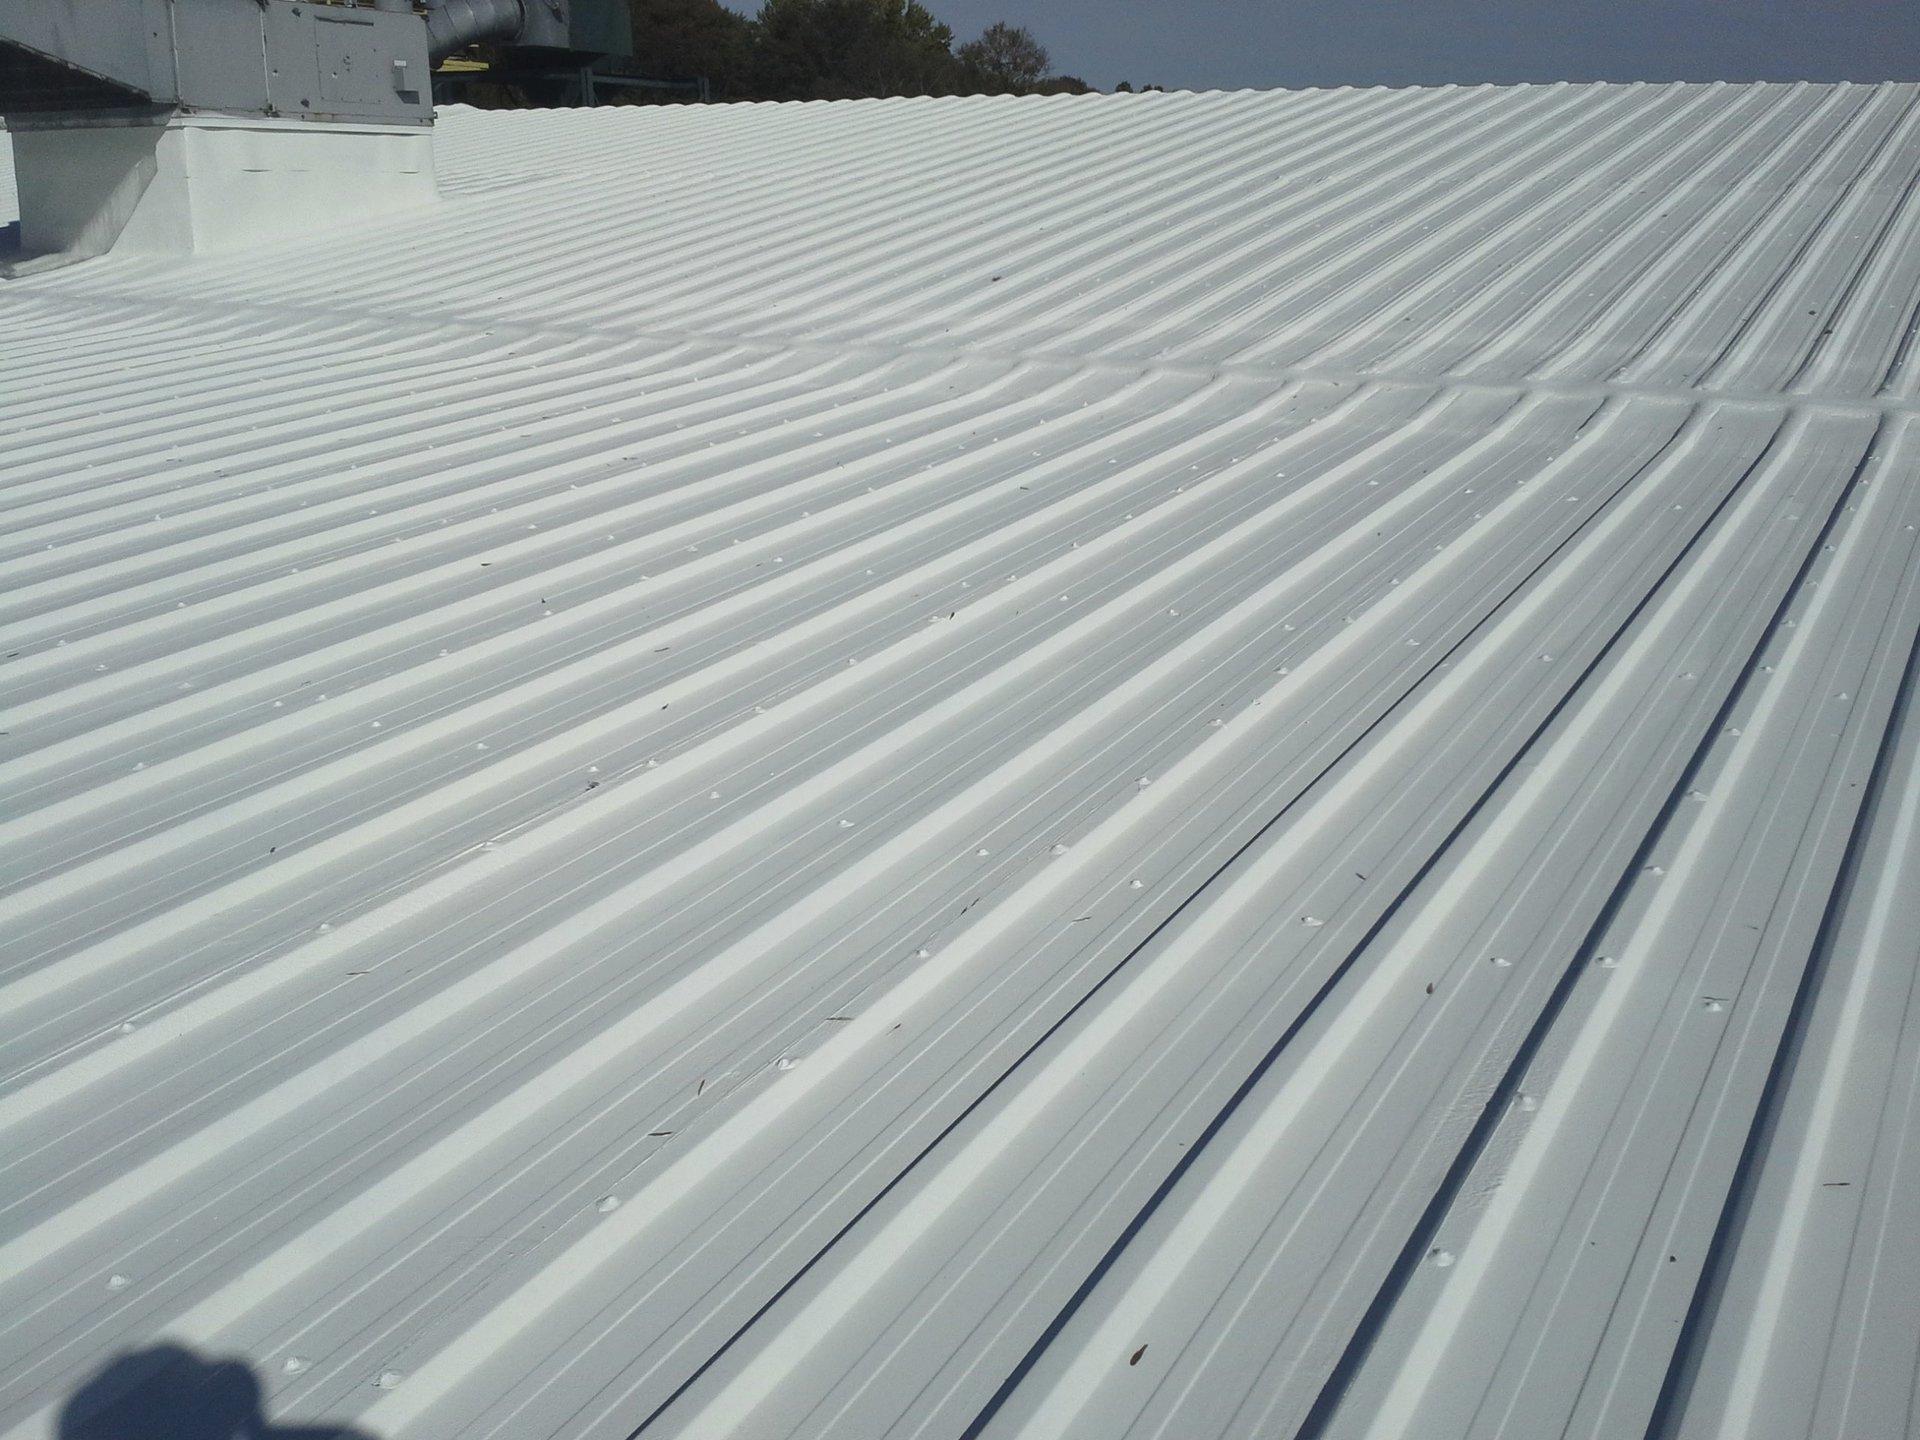 MR_roof pics 632-2560x1920